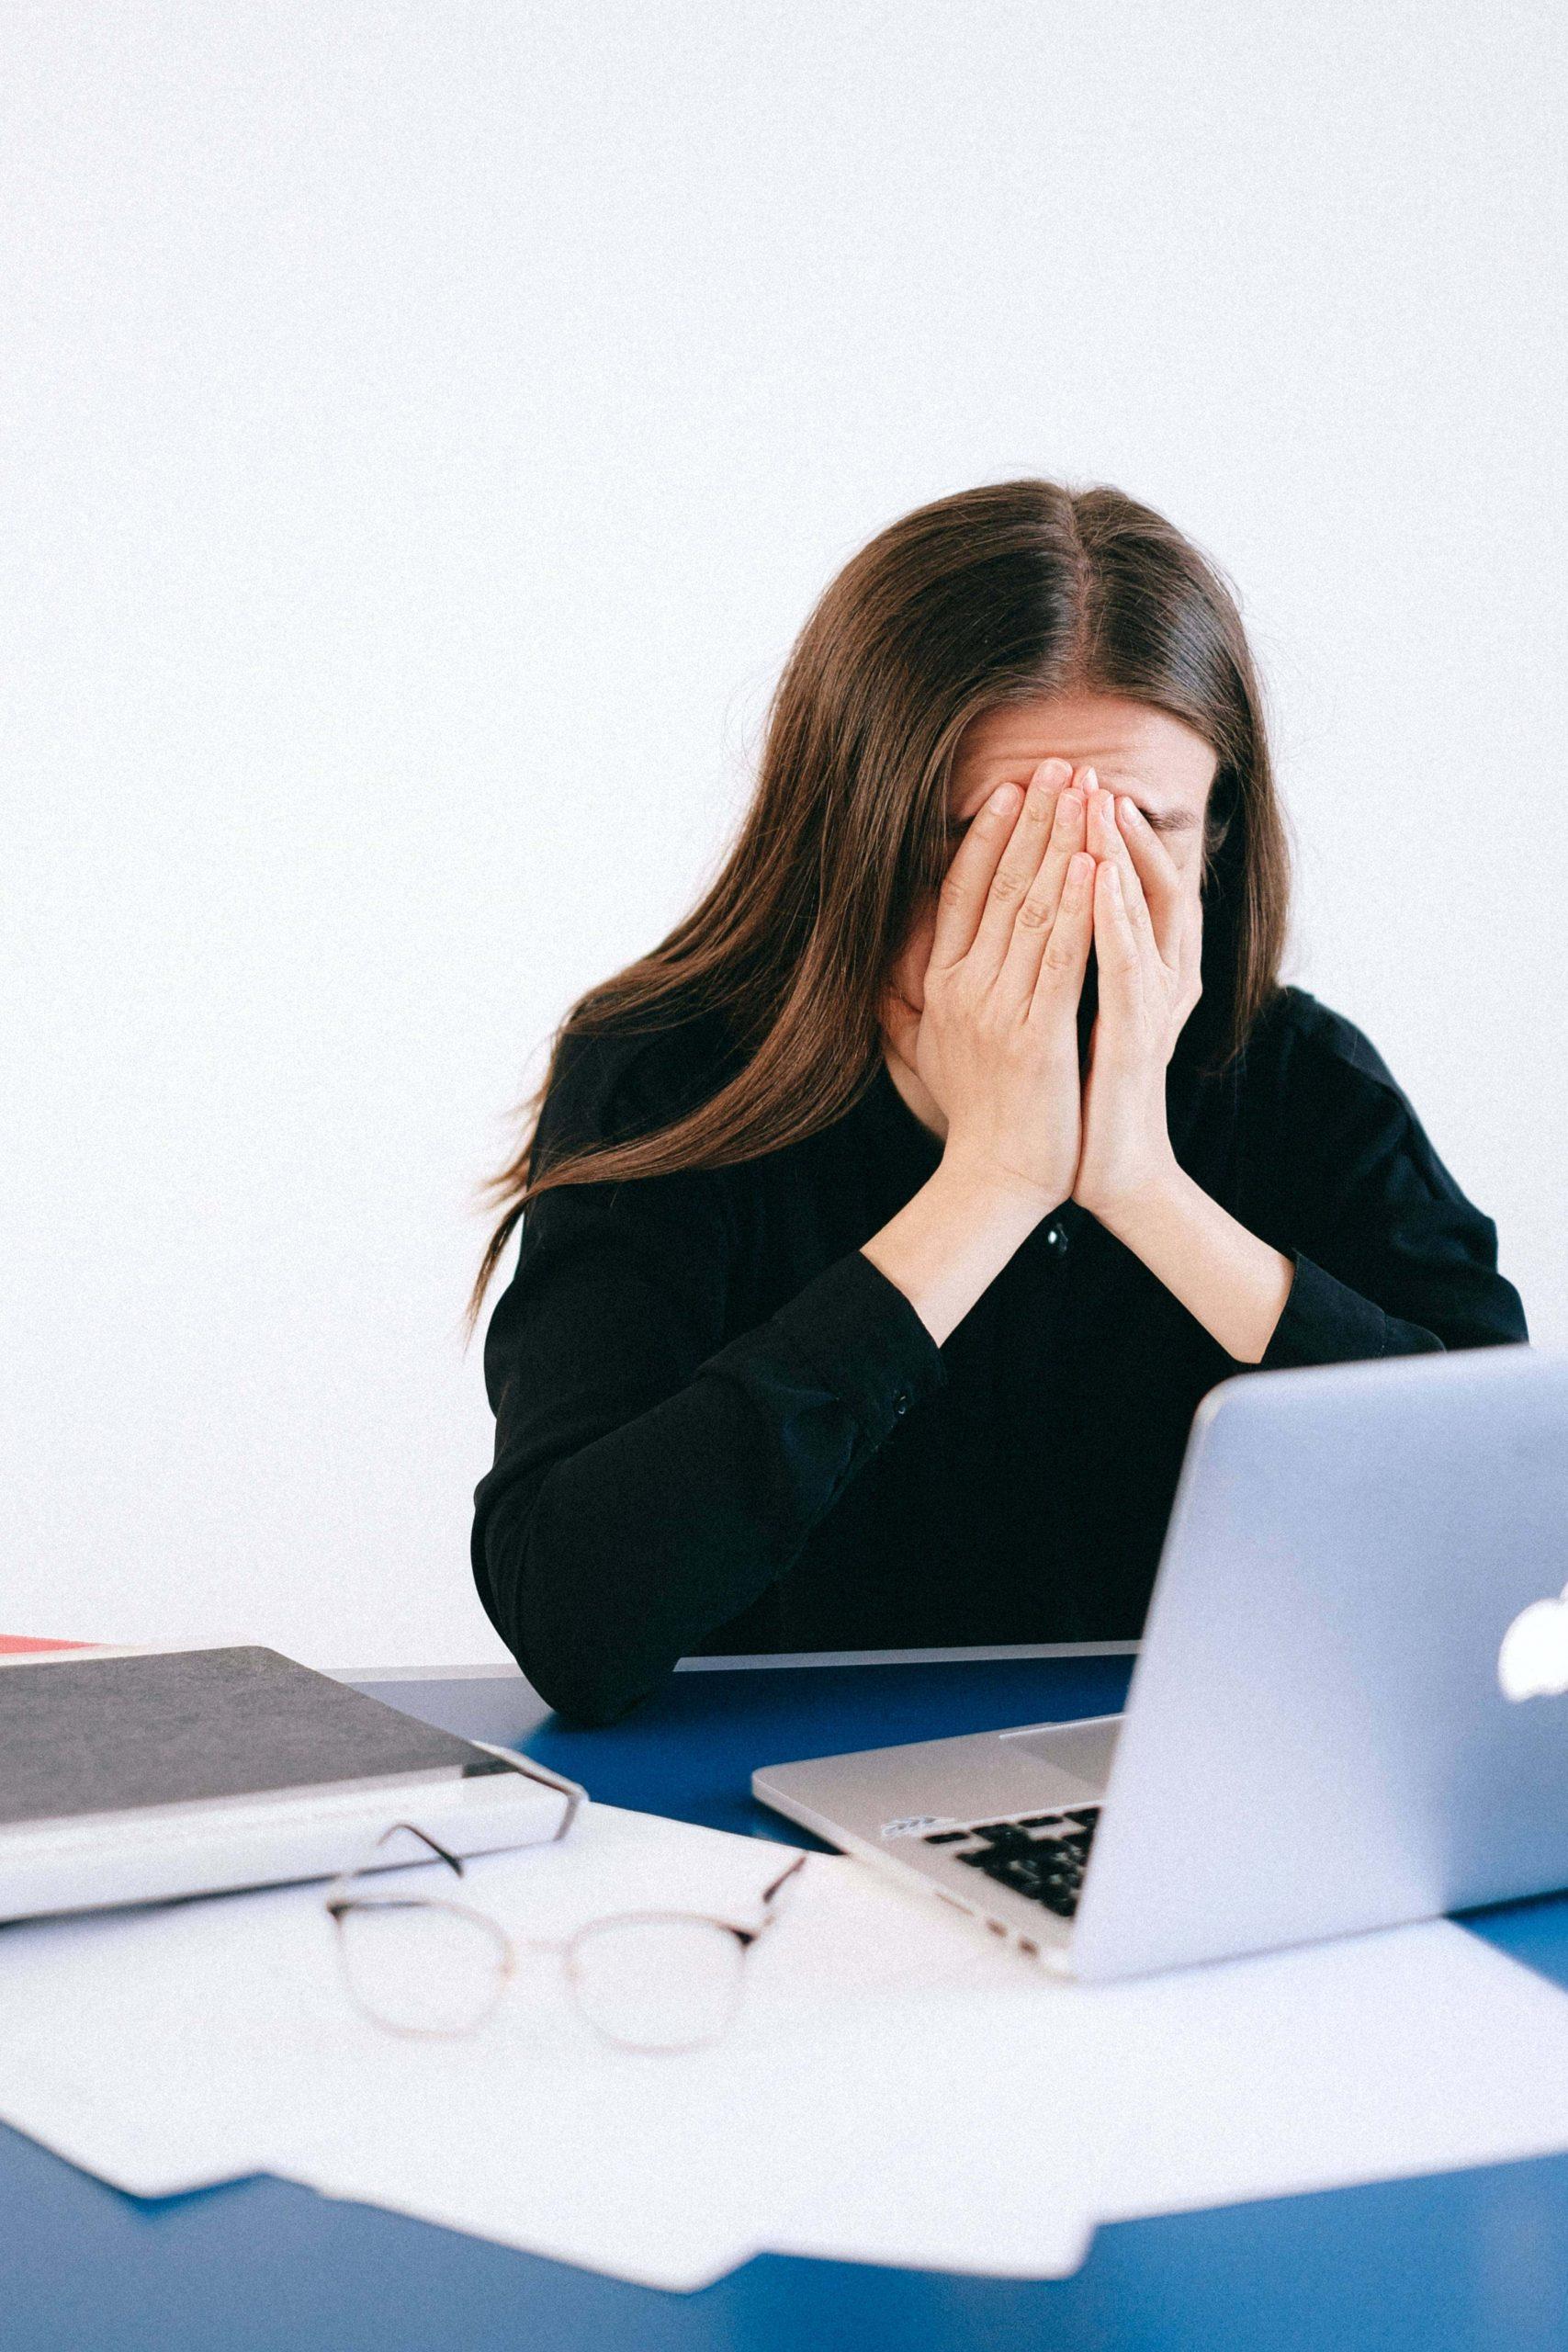 تأثير الإجهاد على التحكم المتعمد في الذاكرة